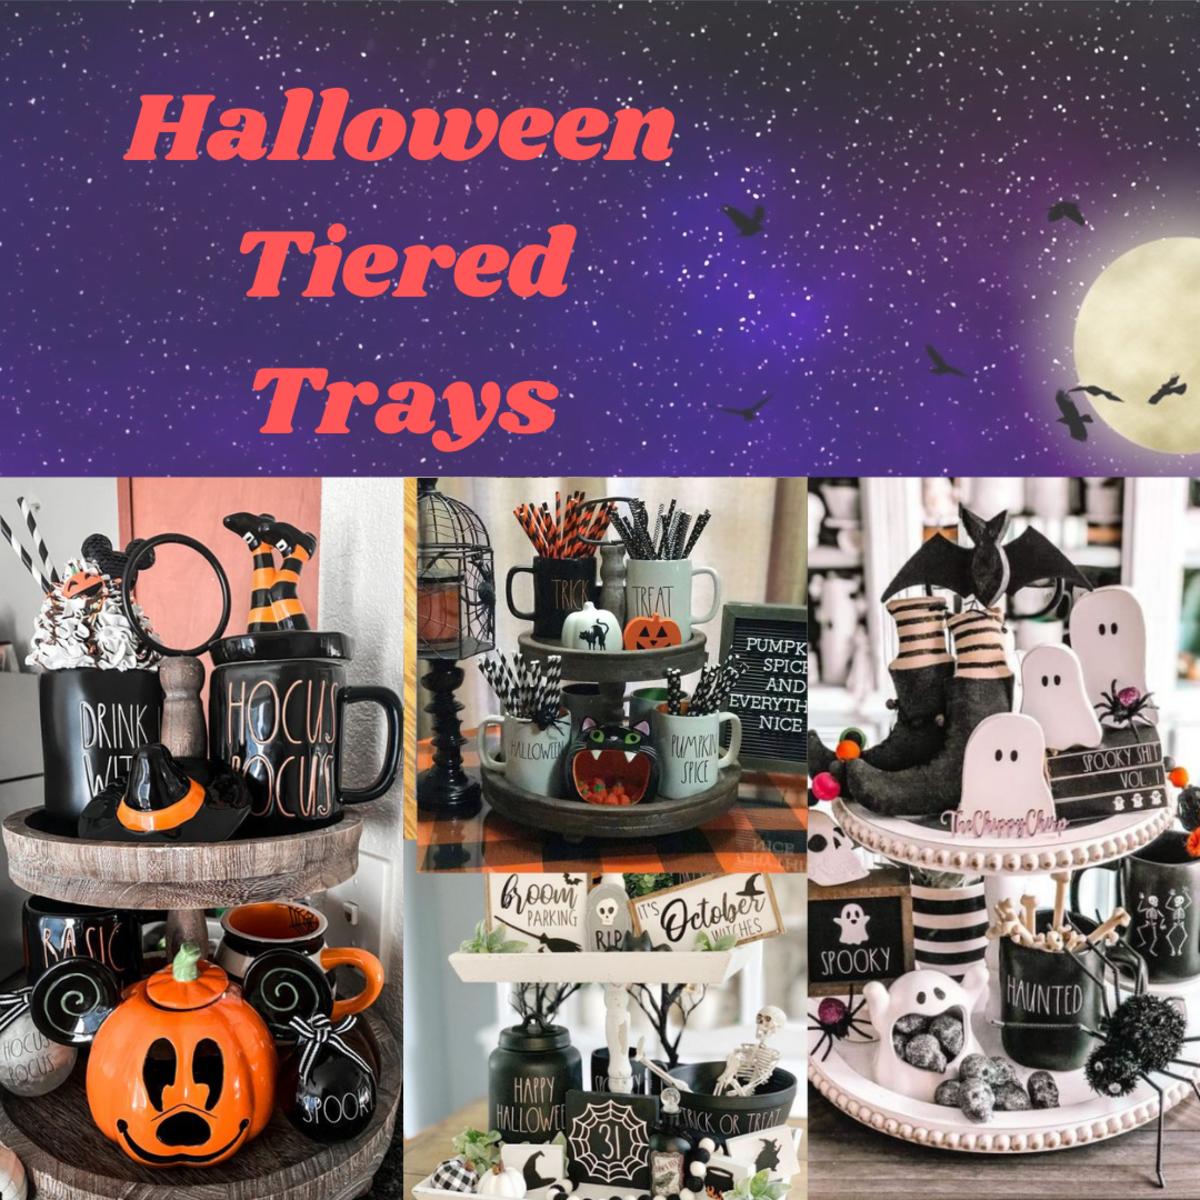 halloween-tiered-tray-ideas